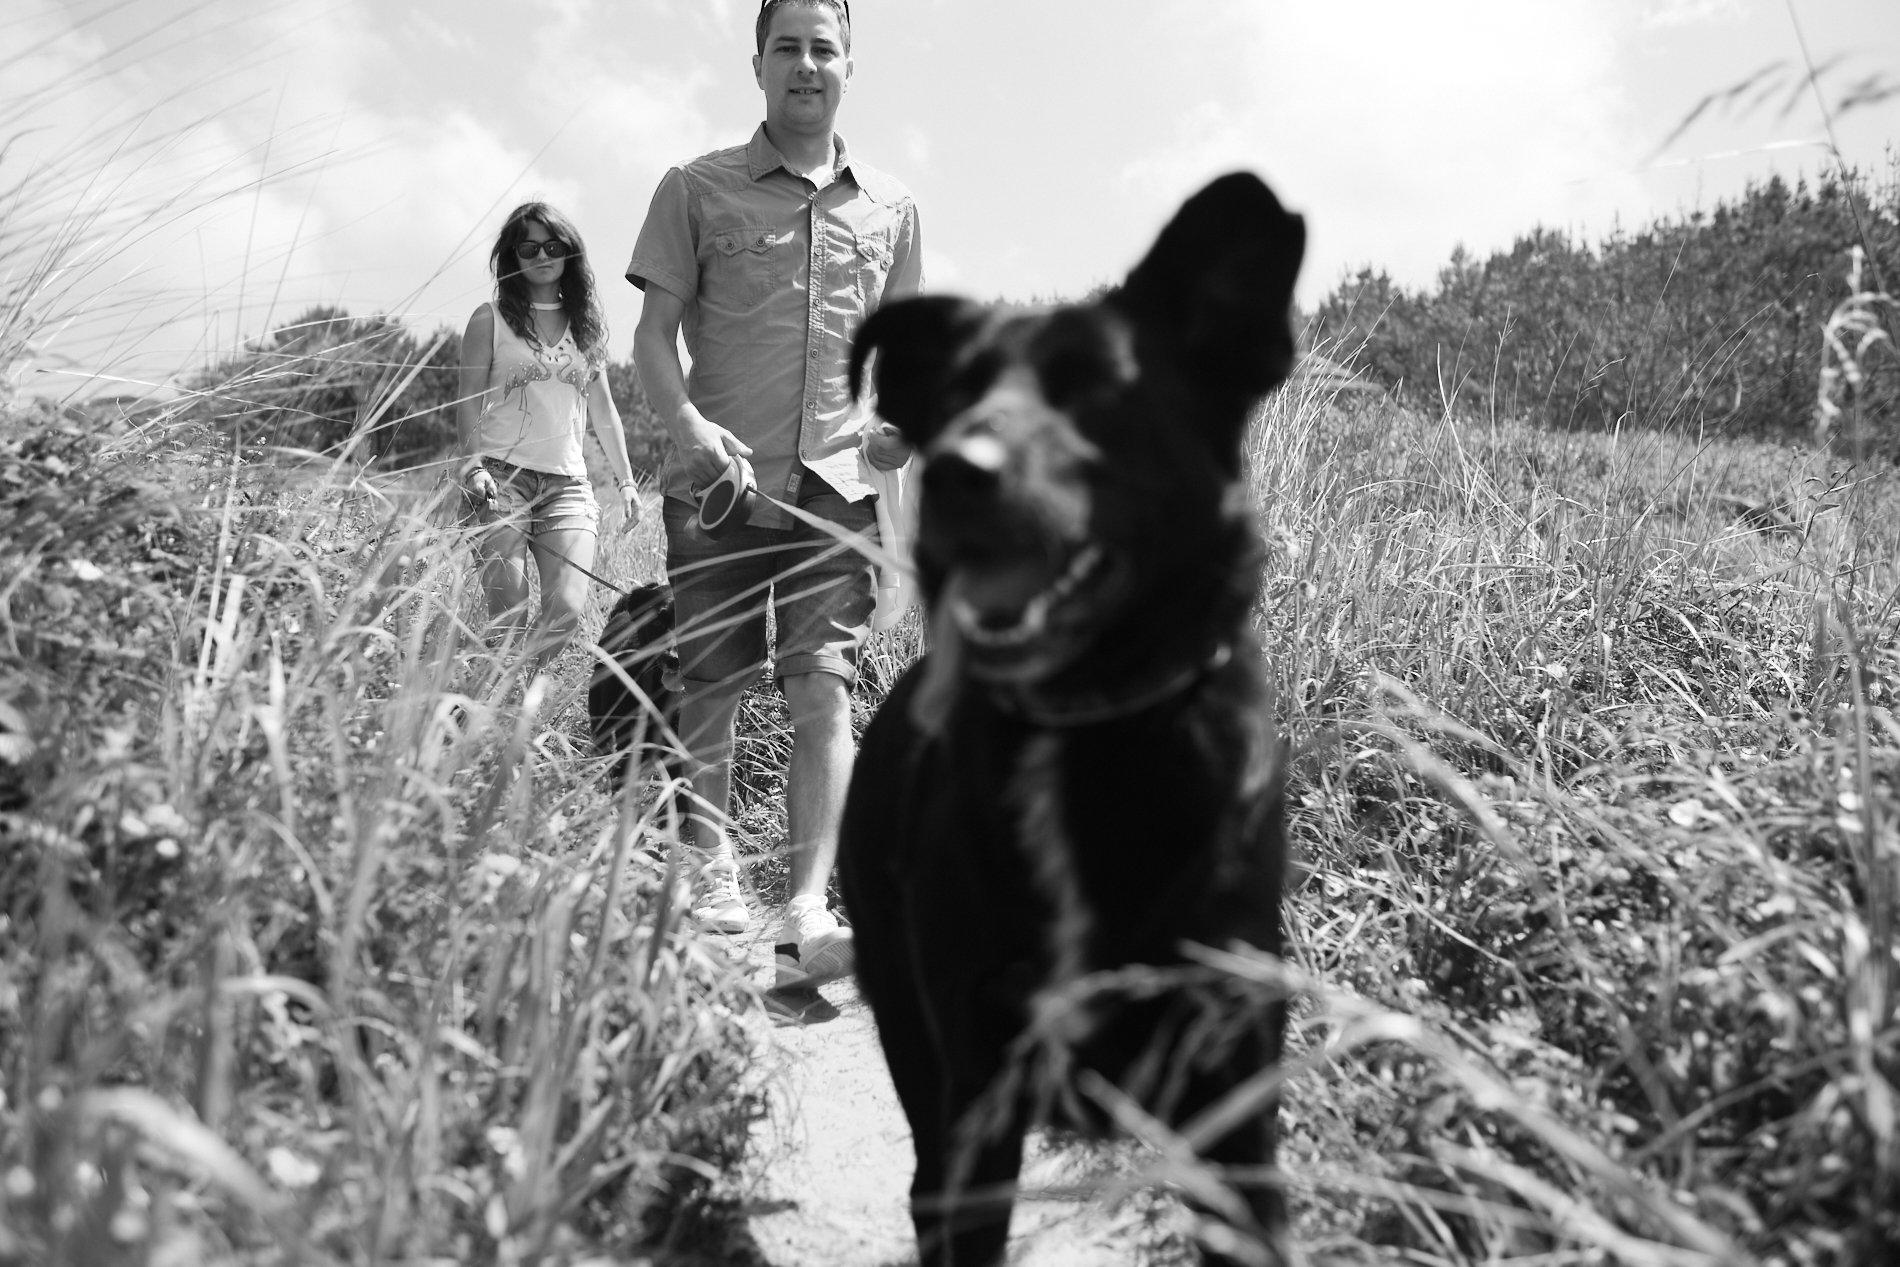 fotografo de mascotas